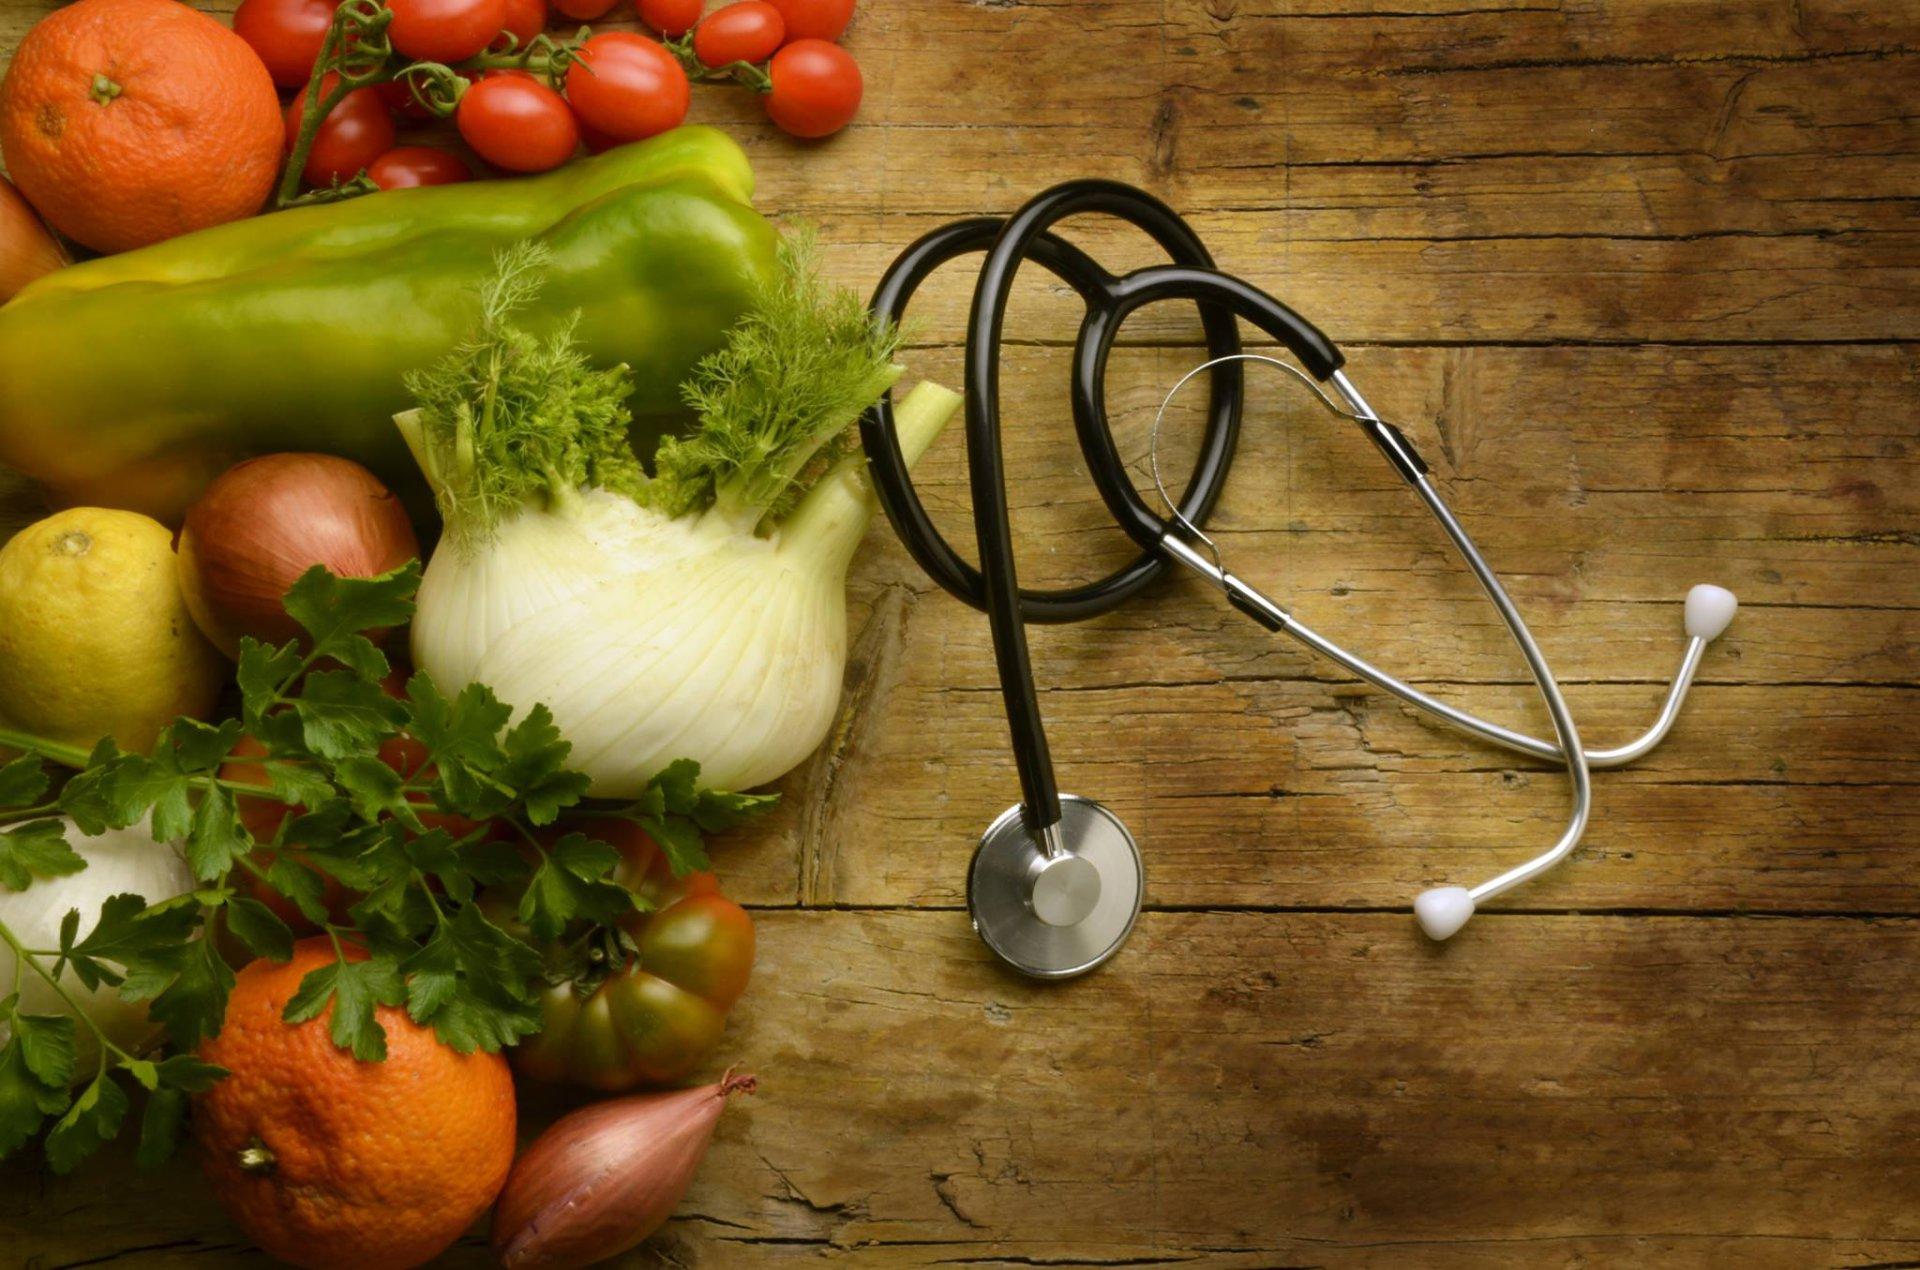 pagrindiniai hipertenzijos mitybos principai